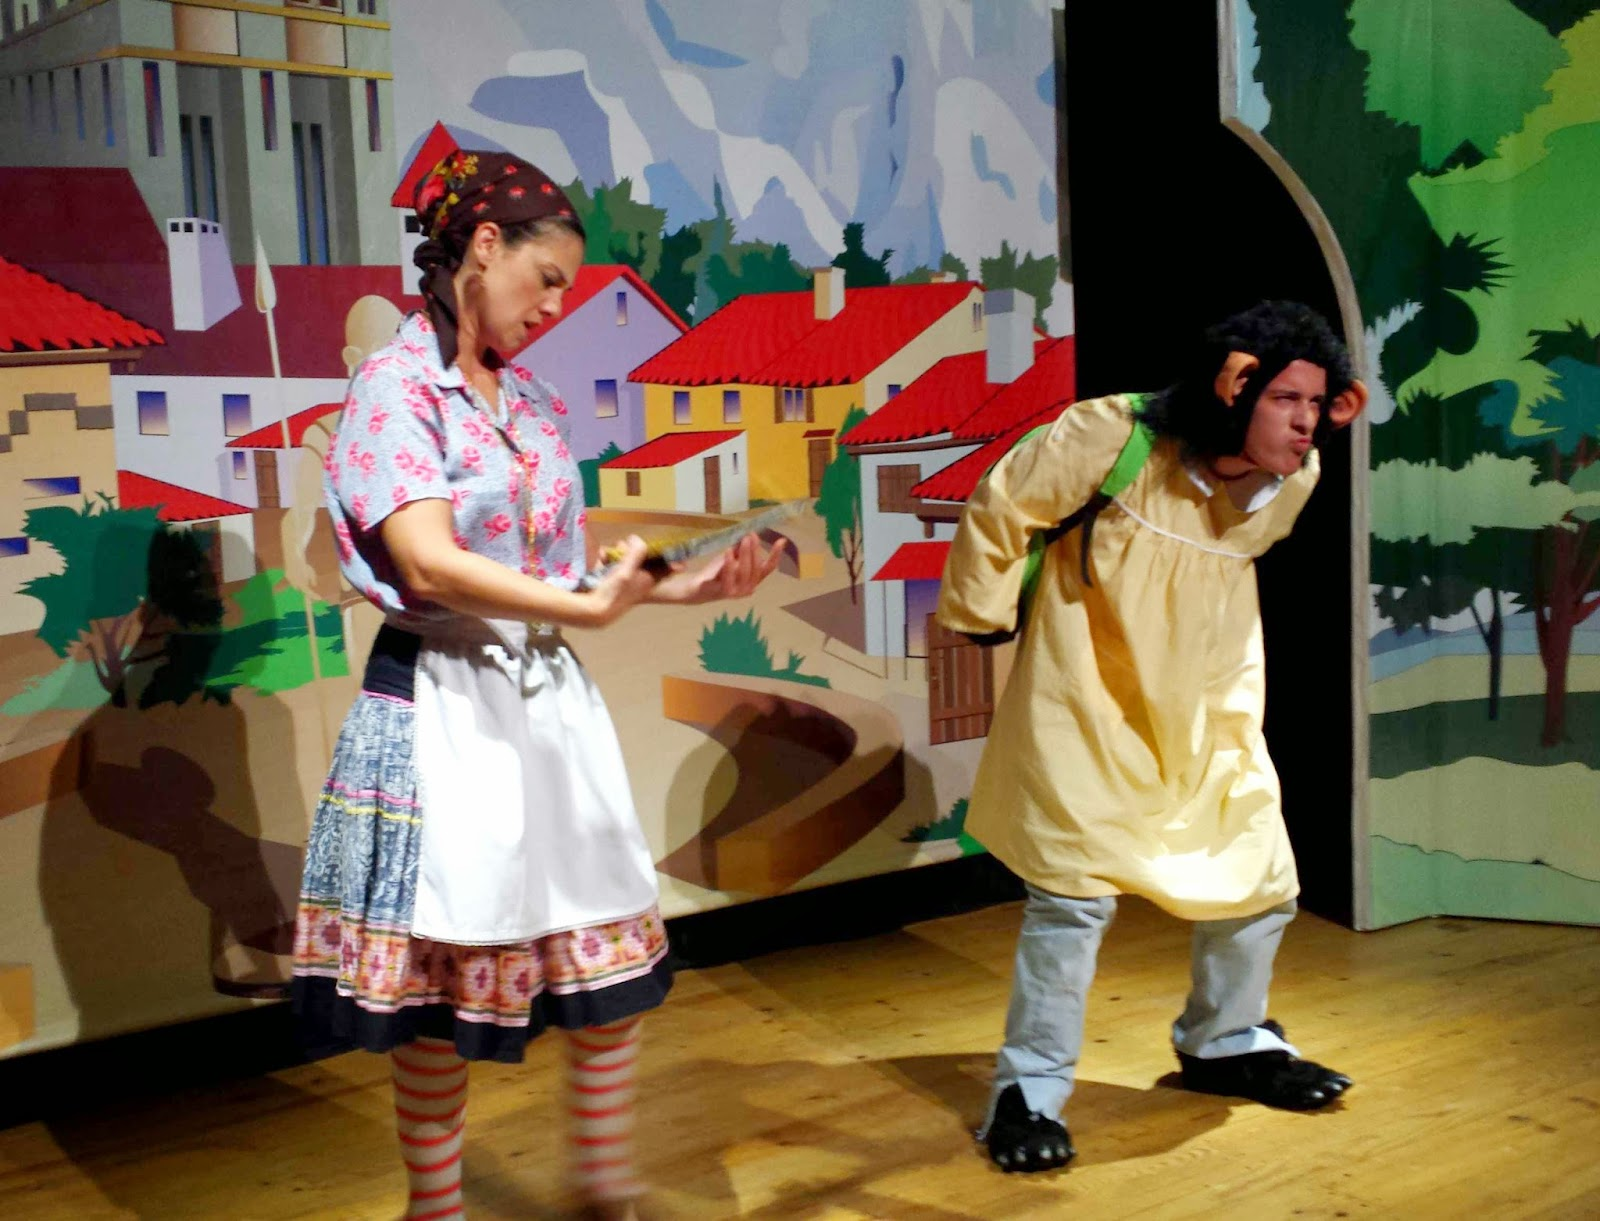 ba33efa0c3e8 Vida de Mulher aos 40: Teatro Infantil: Macaco do Rabo Cortado